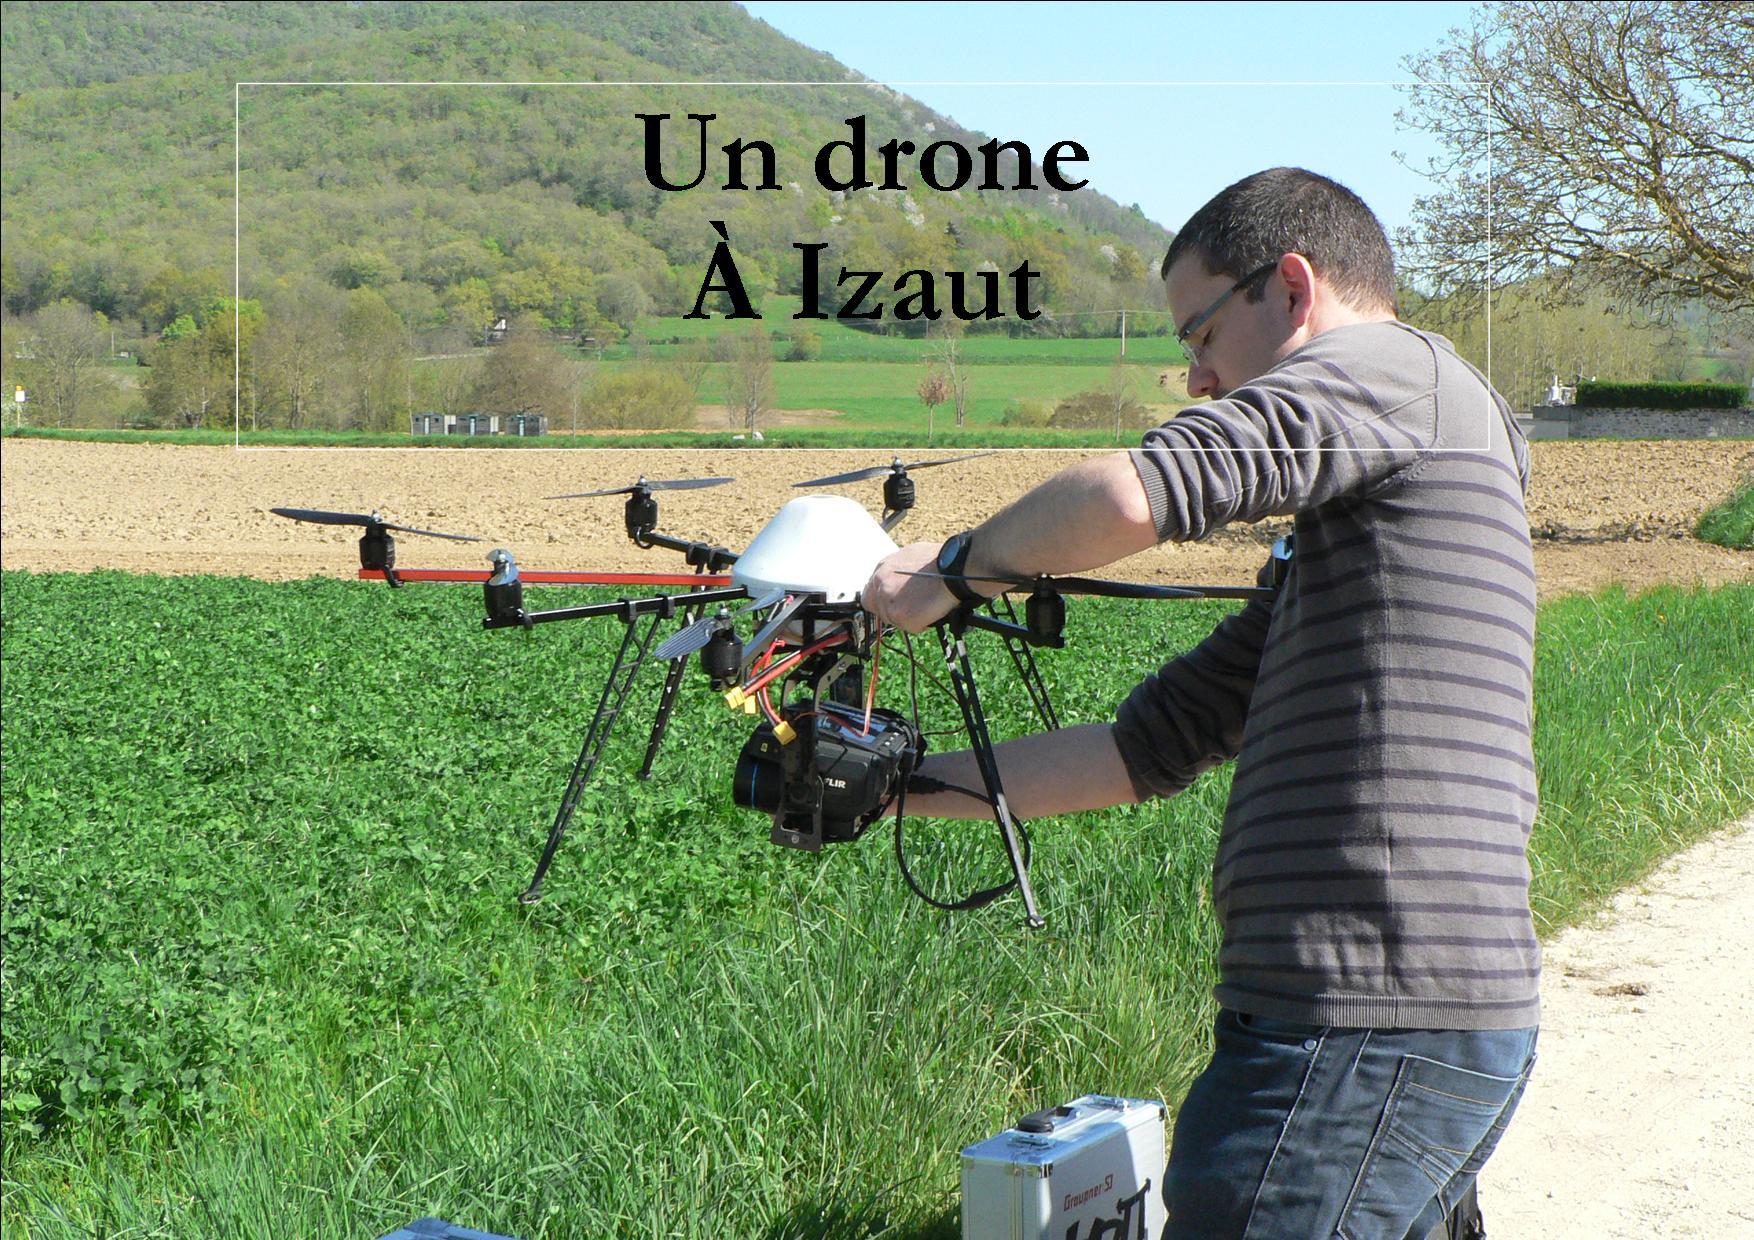 2014 Avril : Izaut-de-l'Hôtel. Un drone au château (La Dépêche du Midi)